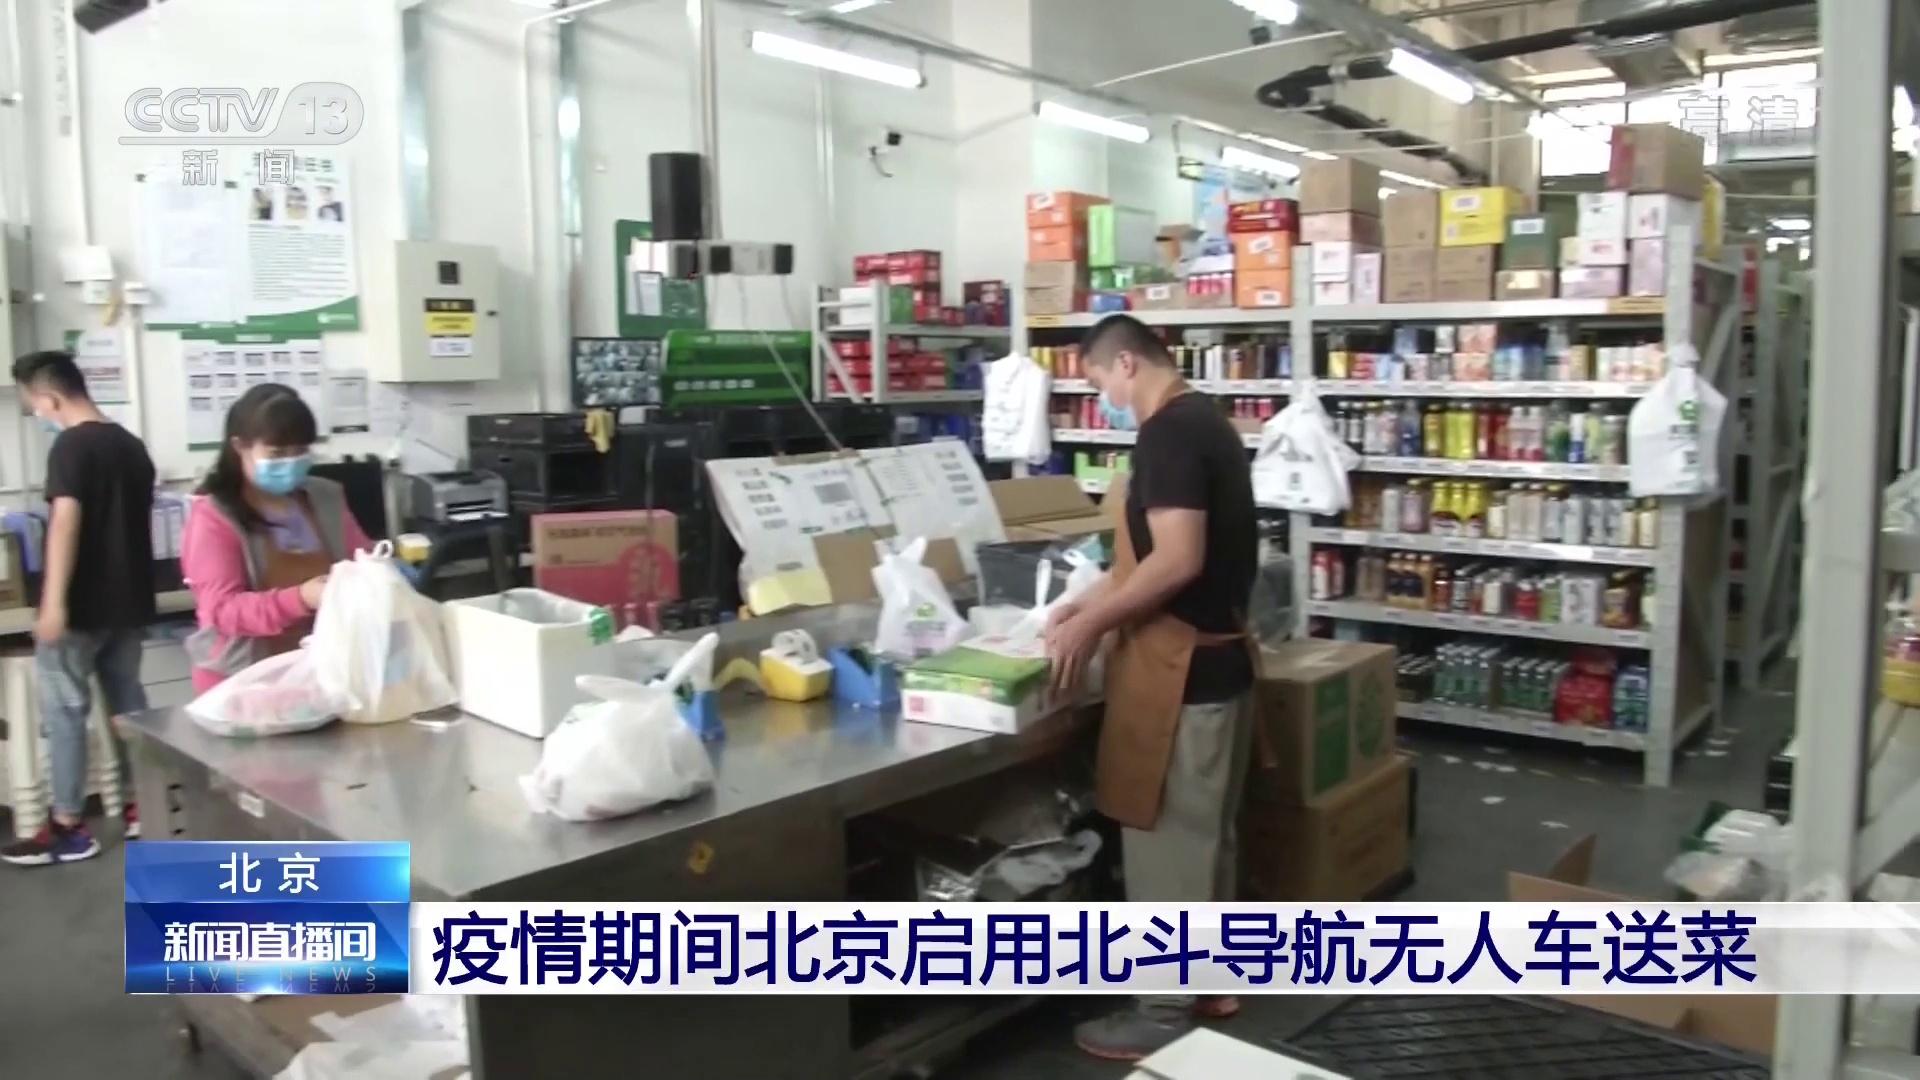 疫情期間北京啟用北斗導航無人車送菜